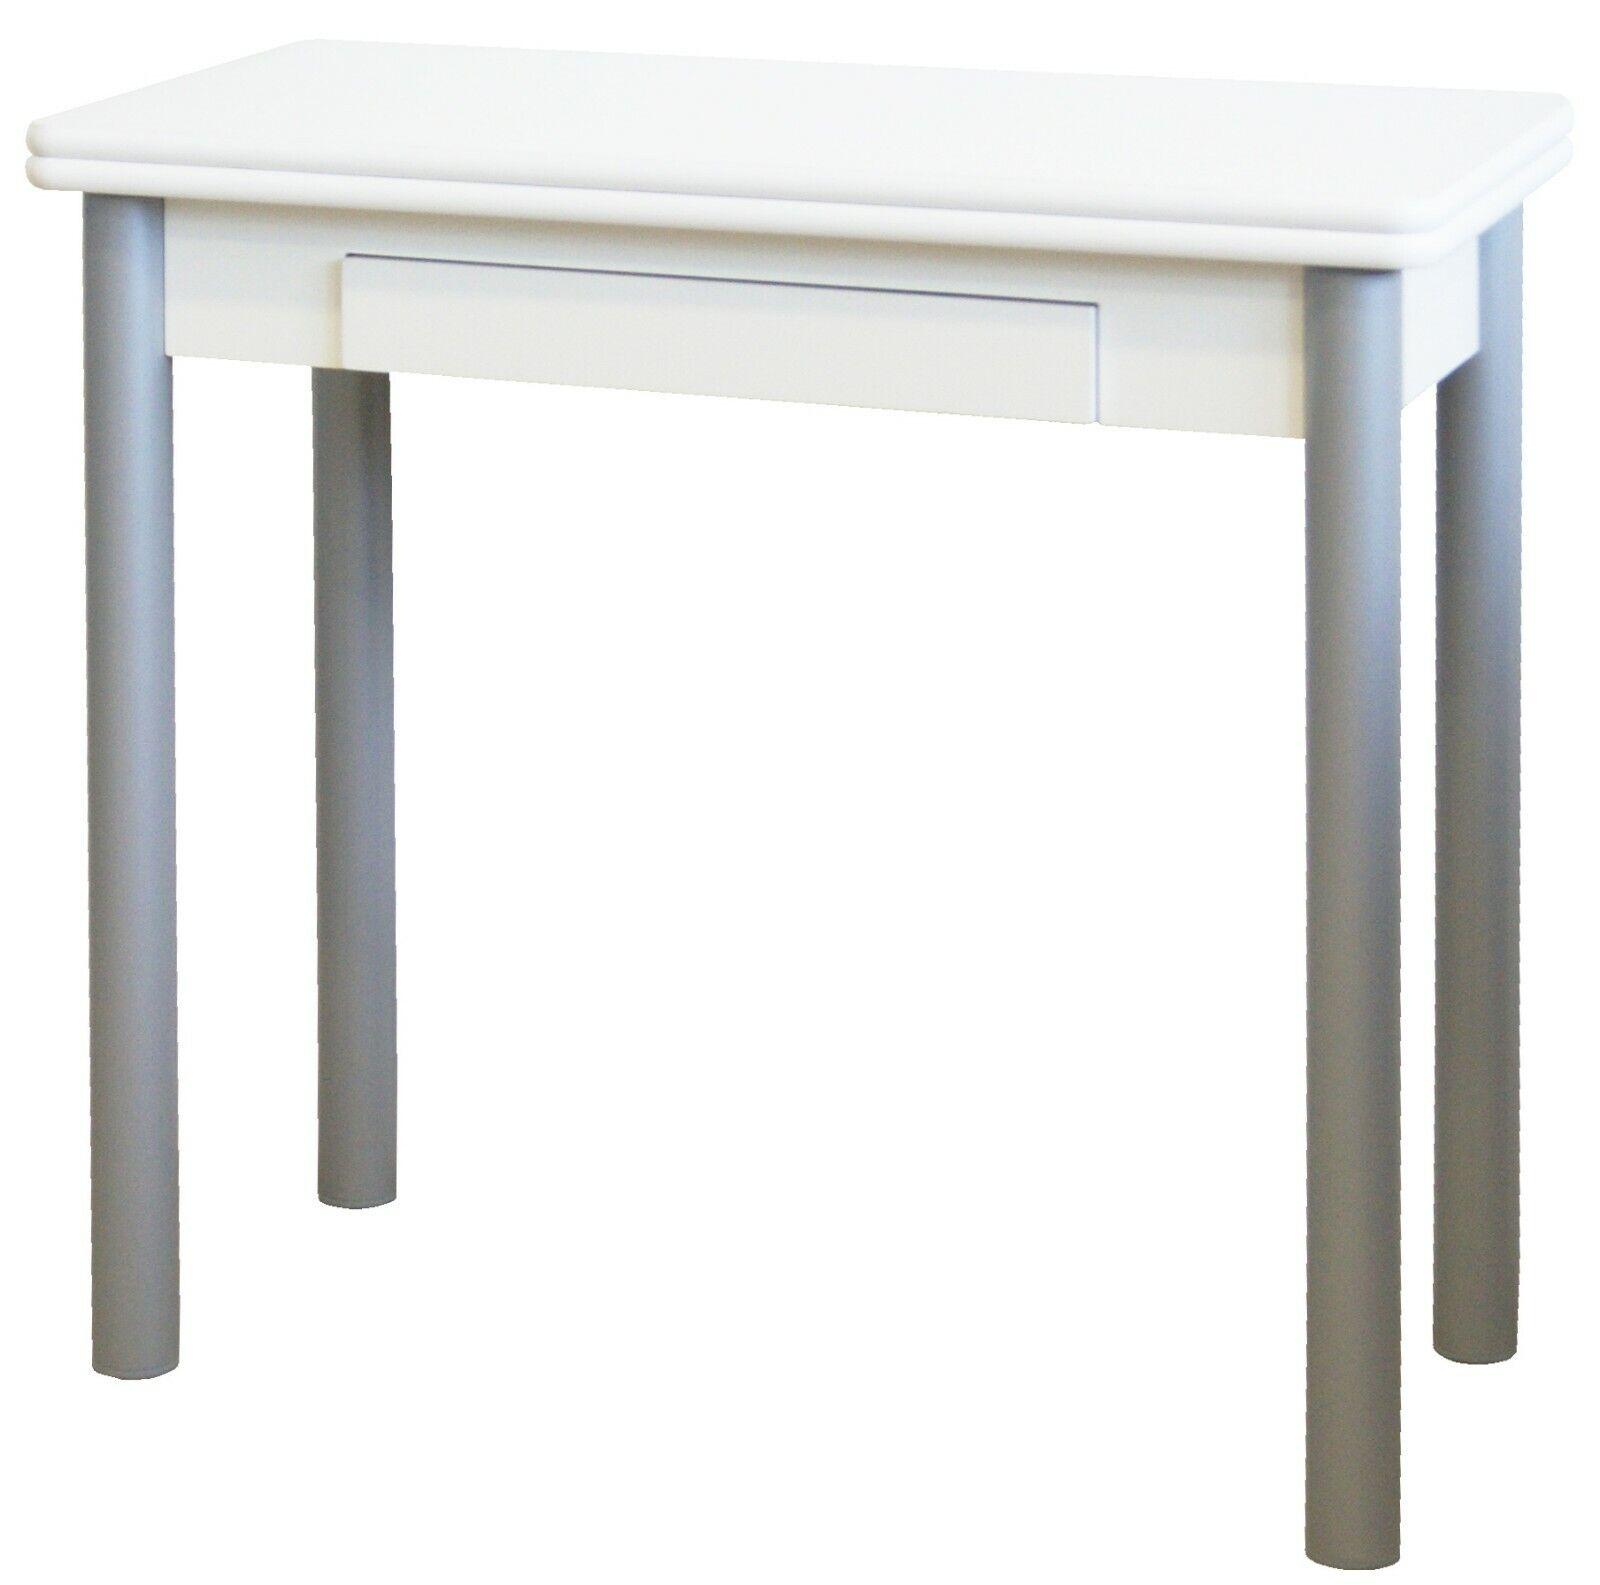 Mesa blanca plegable cocina Mijas cajon funcional patas gris plata 80x40-80